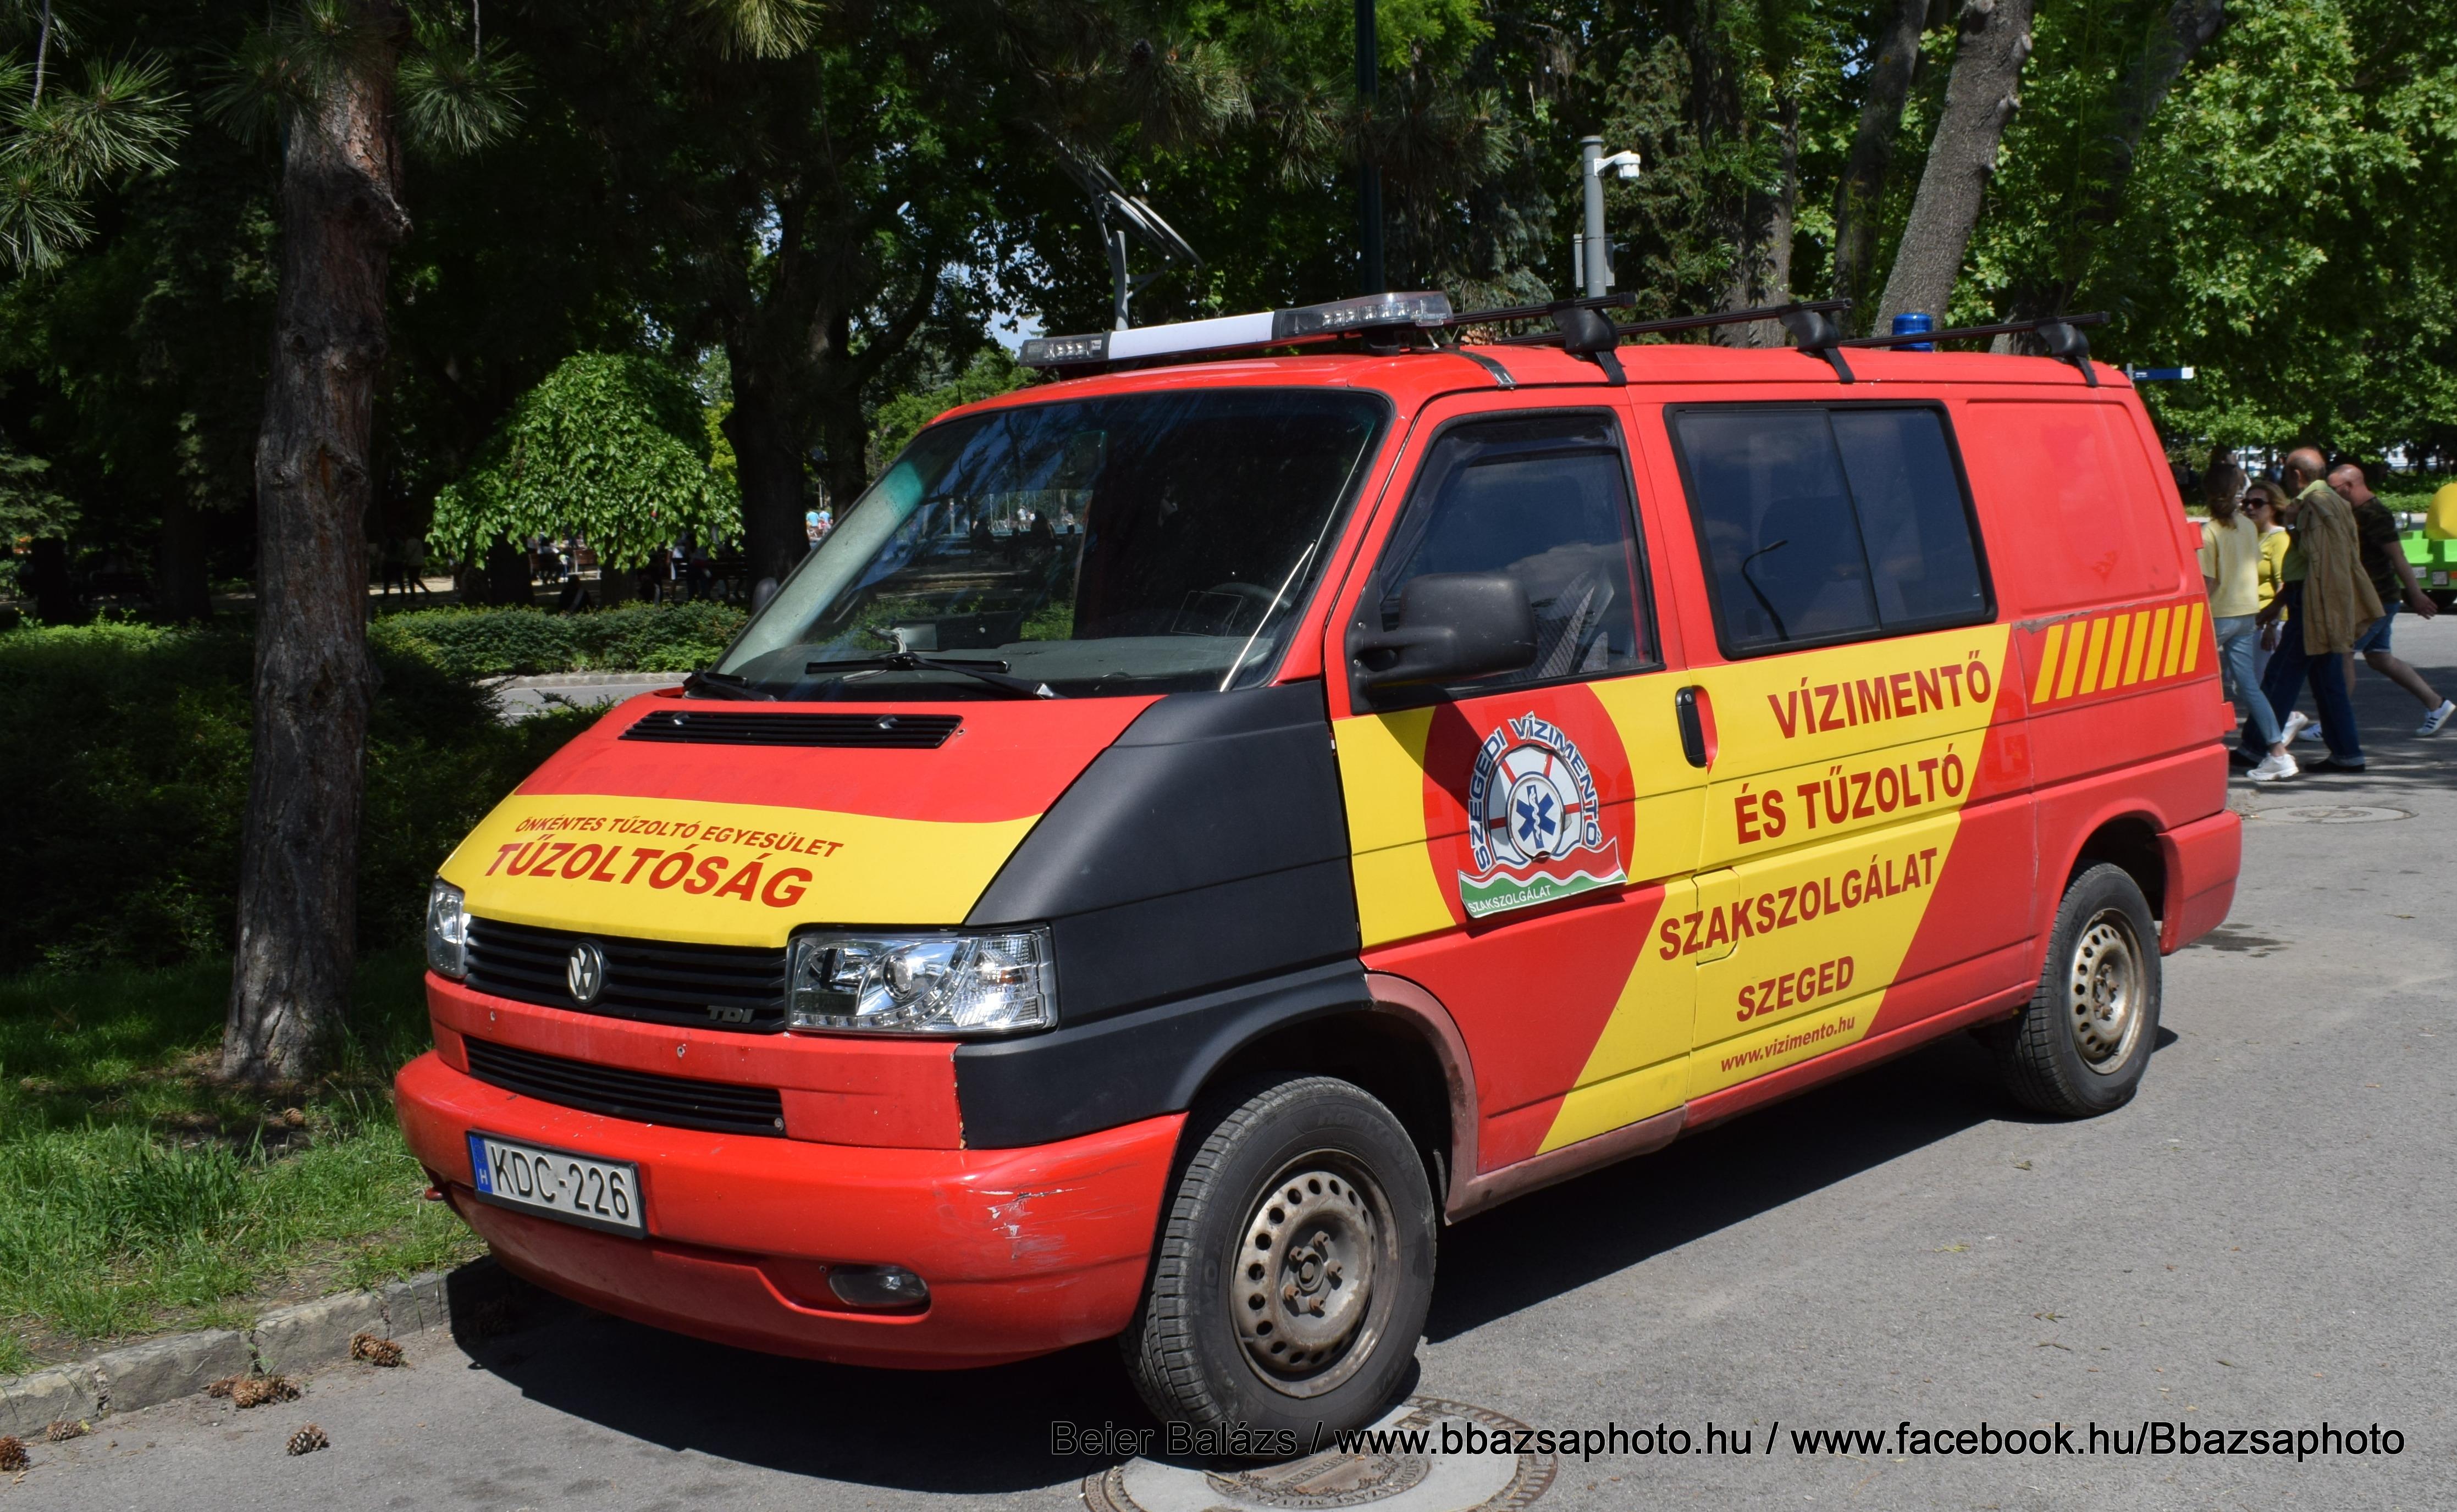 Volkswagen Transporter T4 – Szegedi Vízimentő és Tűzoltó Szakszolgálat